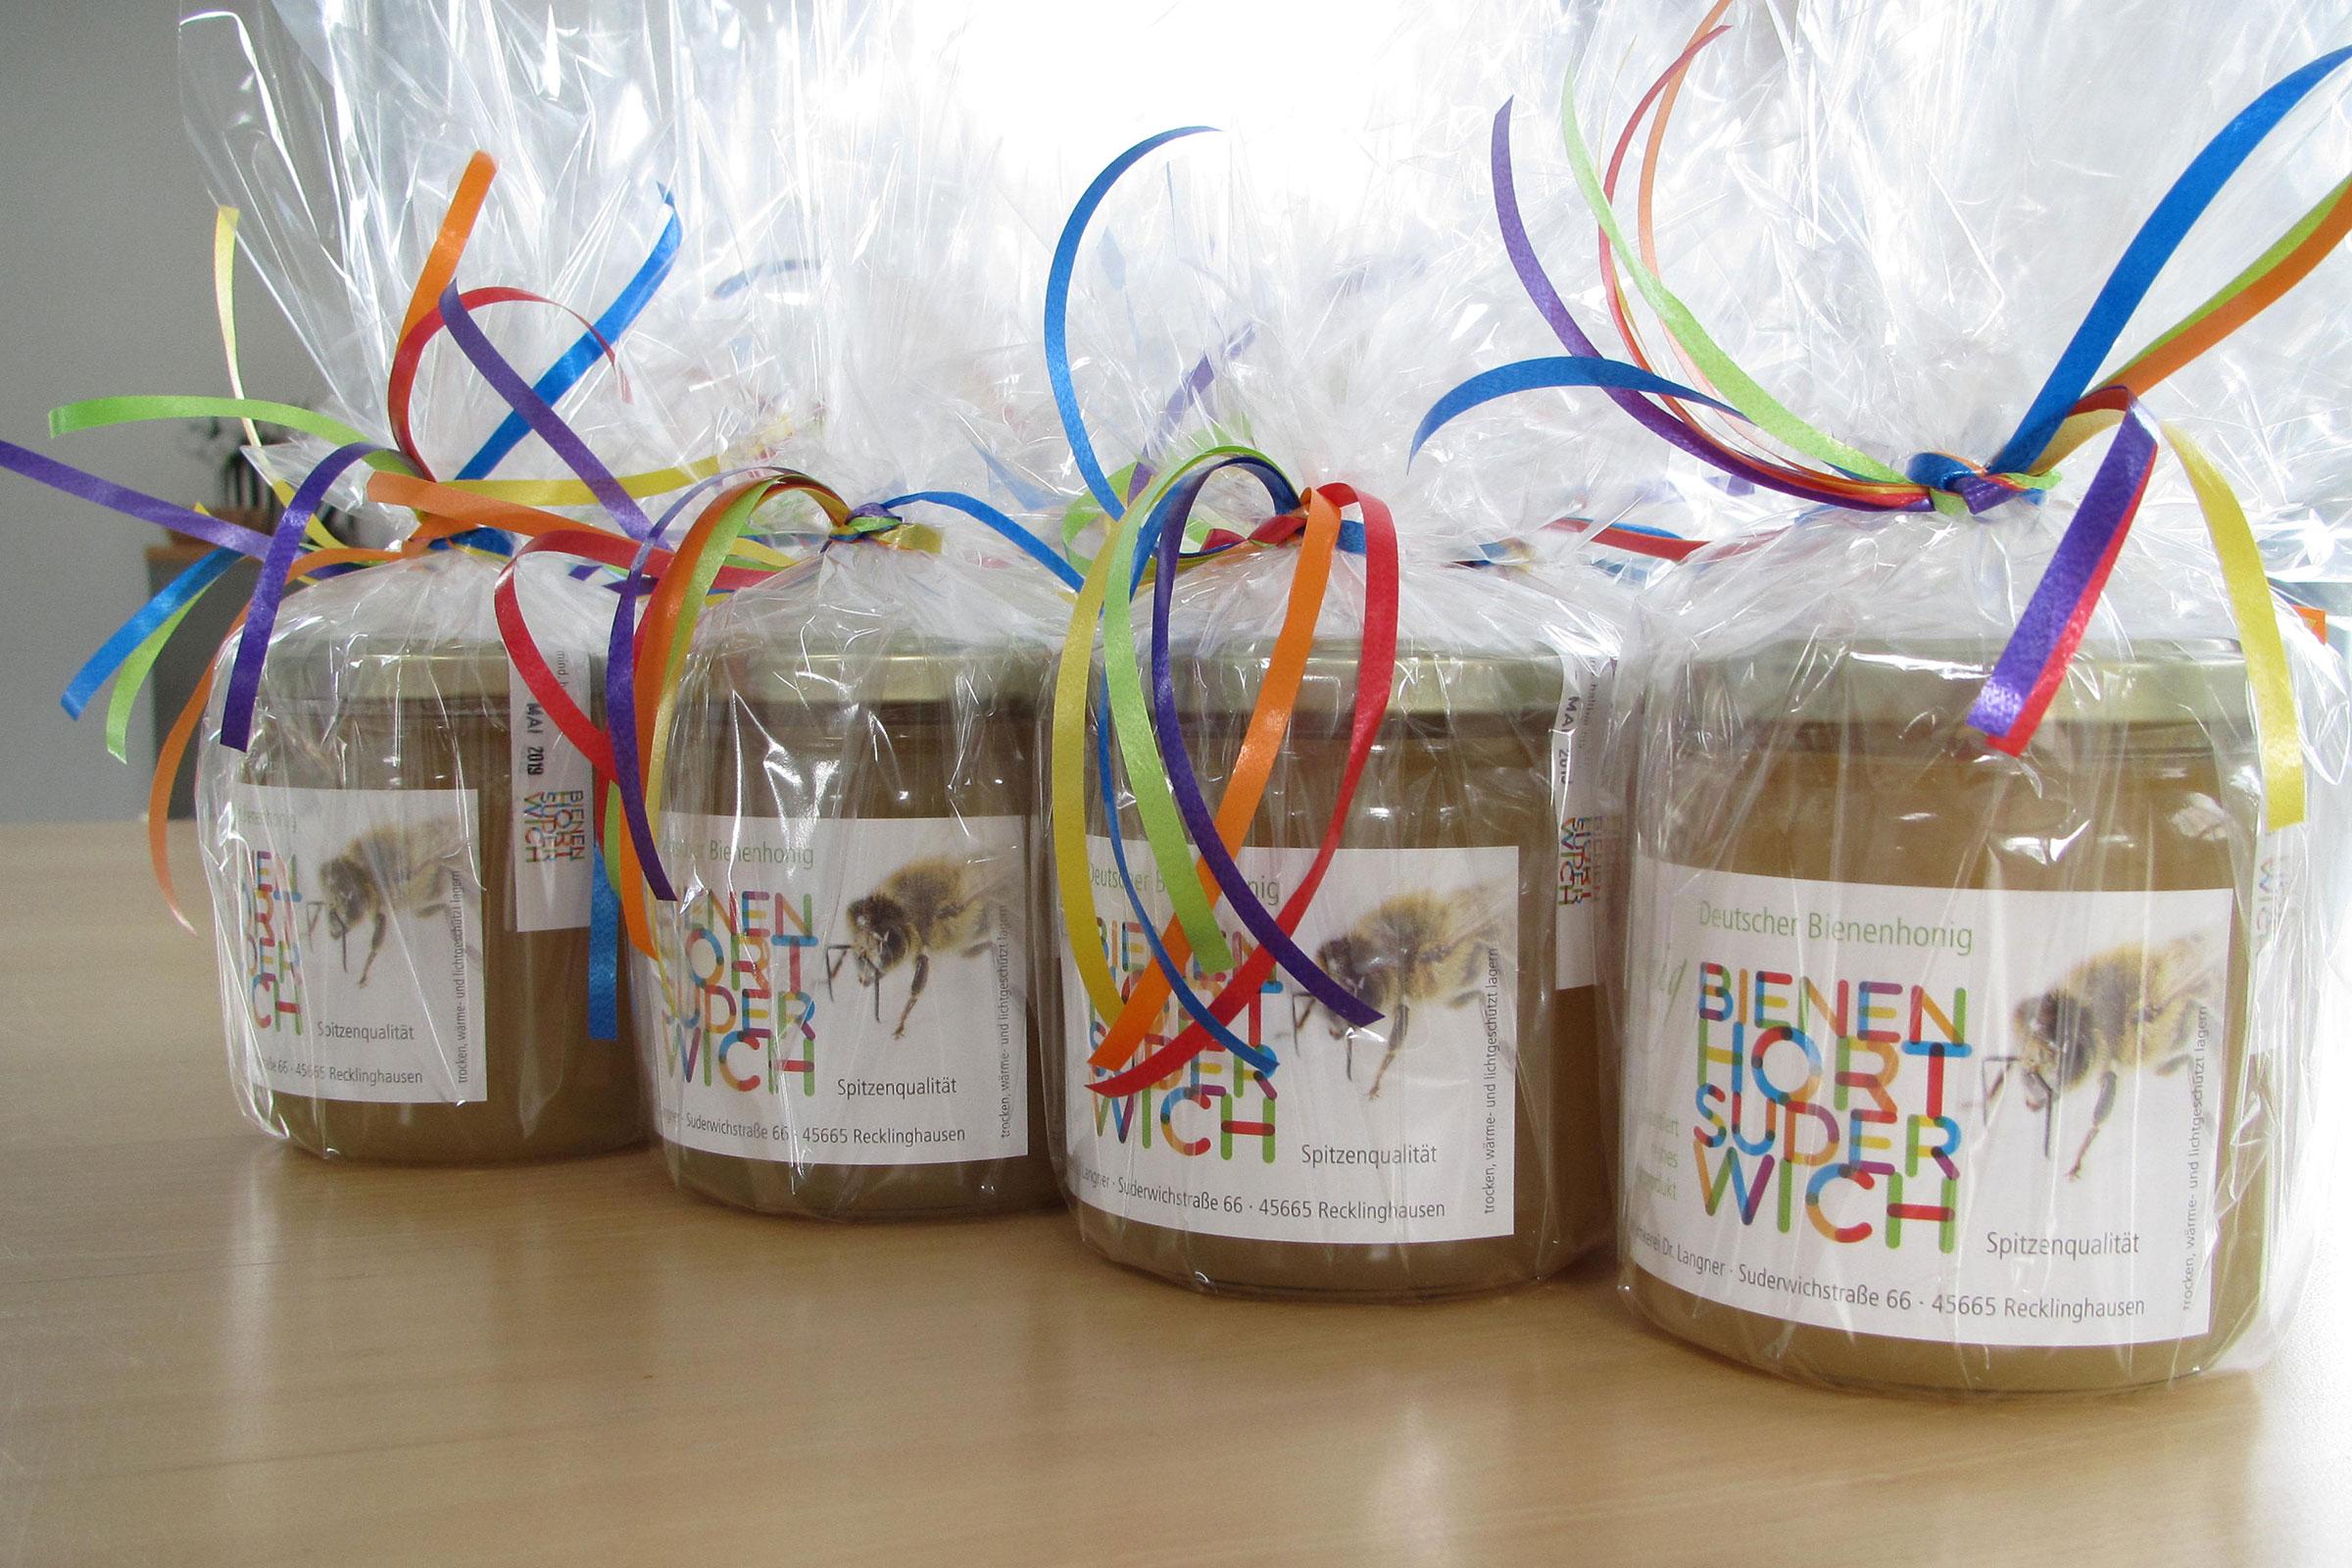 Honig aus der Imkerei Bienenhort Suderwich in Recklinghausen